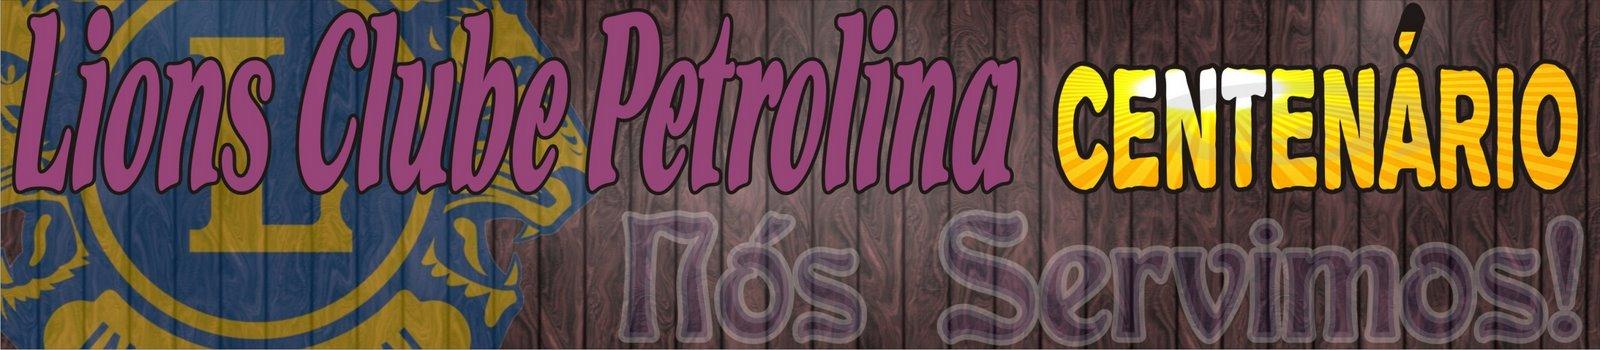 Lions Clube Petrolina CENTENÁRIO - Distrito LA-5